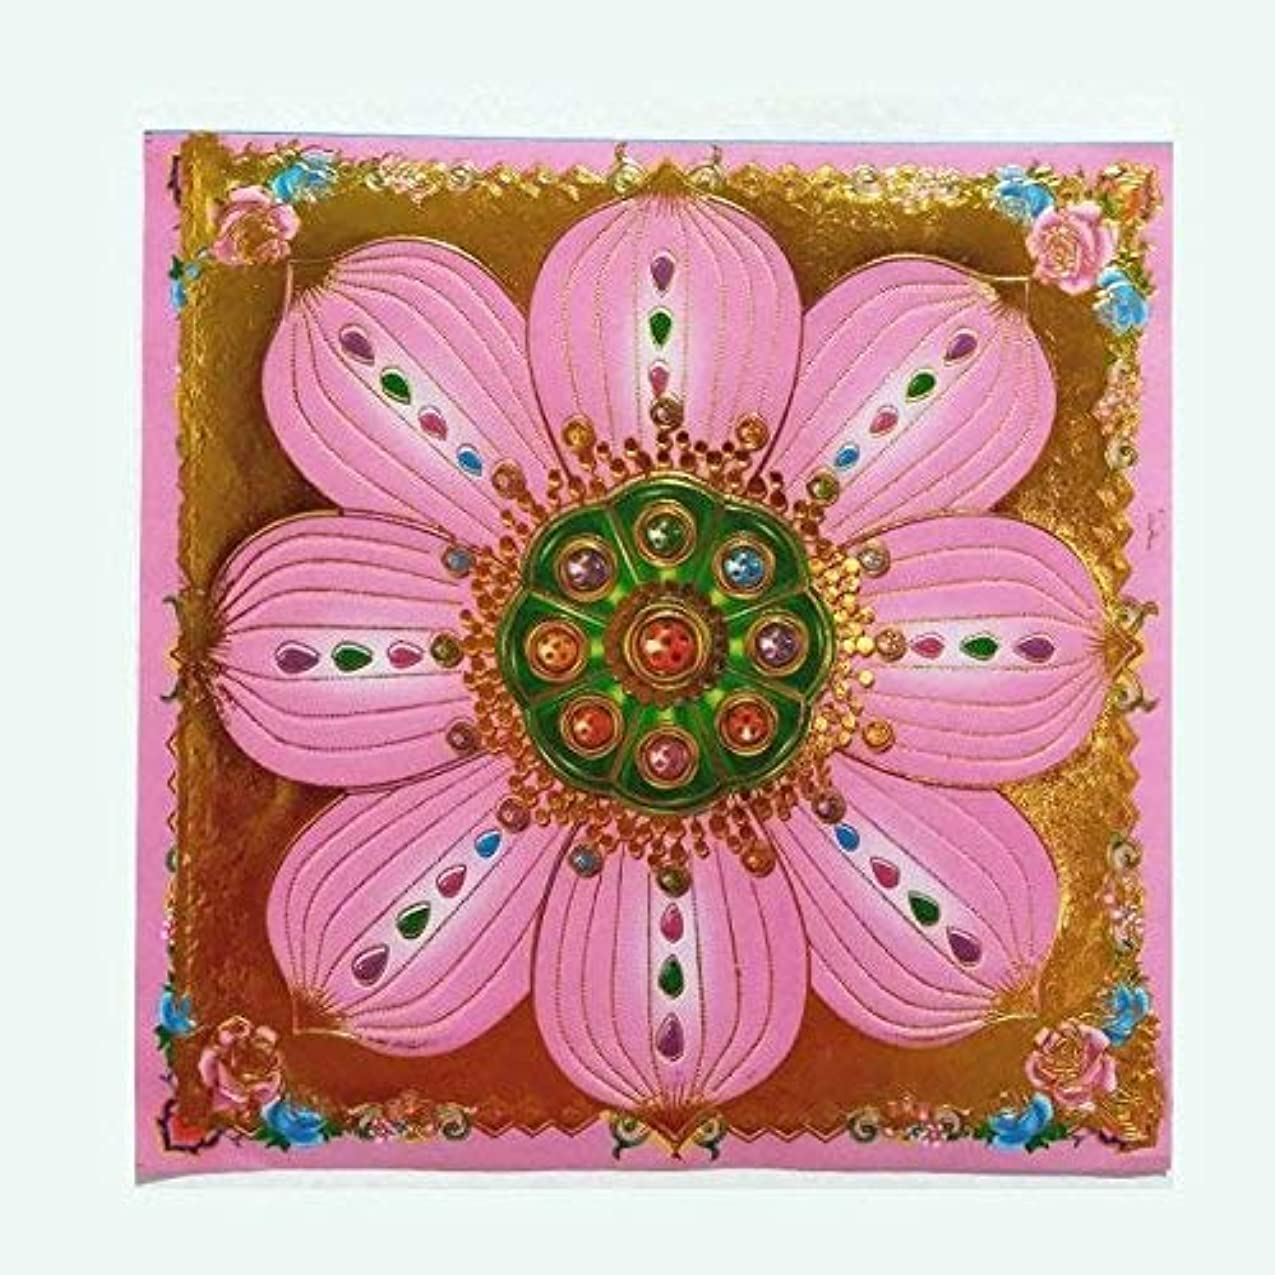 潮クリア塩辛い40pcs Incense用紙/ Joss用紙ハイグレードカラフルwithゴールドの箔Sサイズの祖先Praying 7.5インチx 7.5インチ(ピンク)